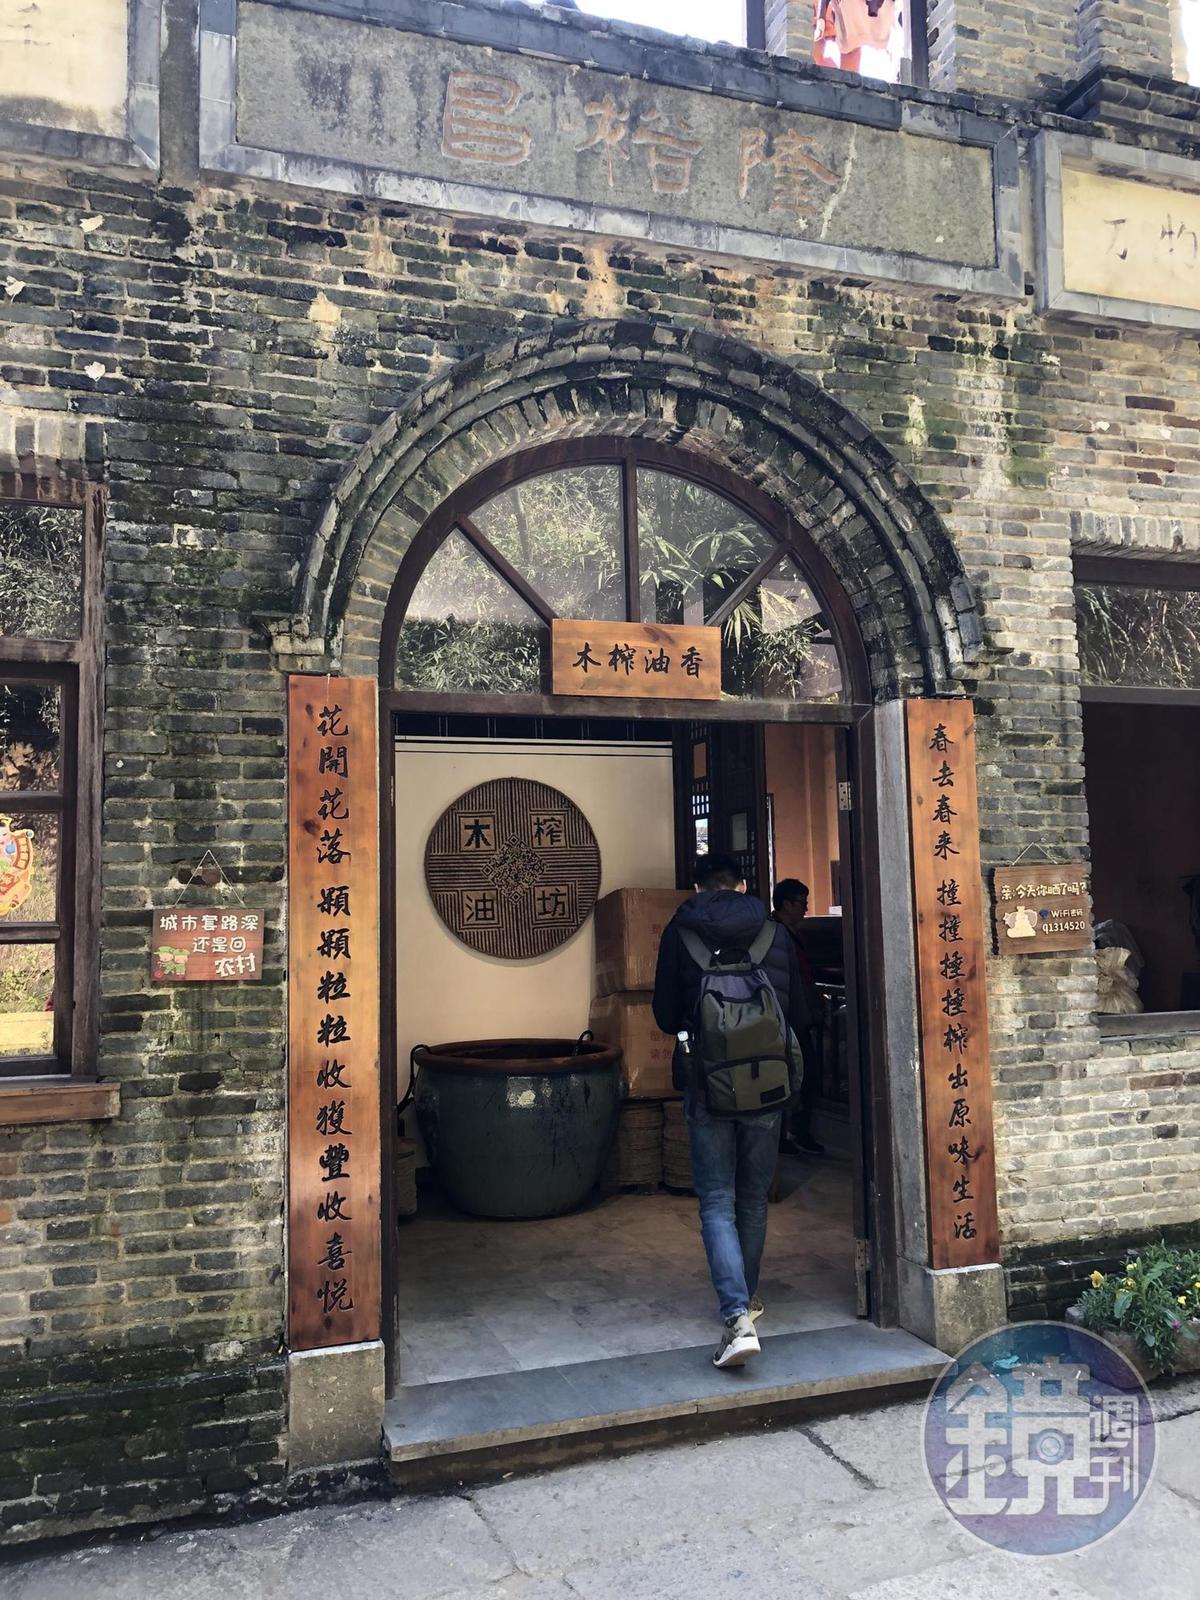 「盛榨堂」開在原名「隆裕昌」的老店裡面。